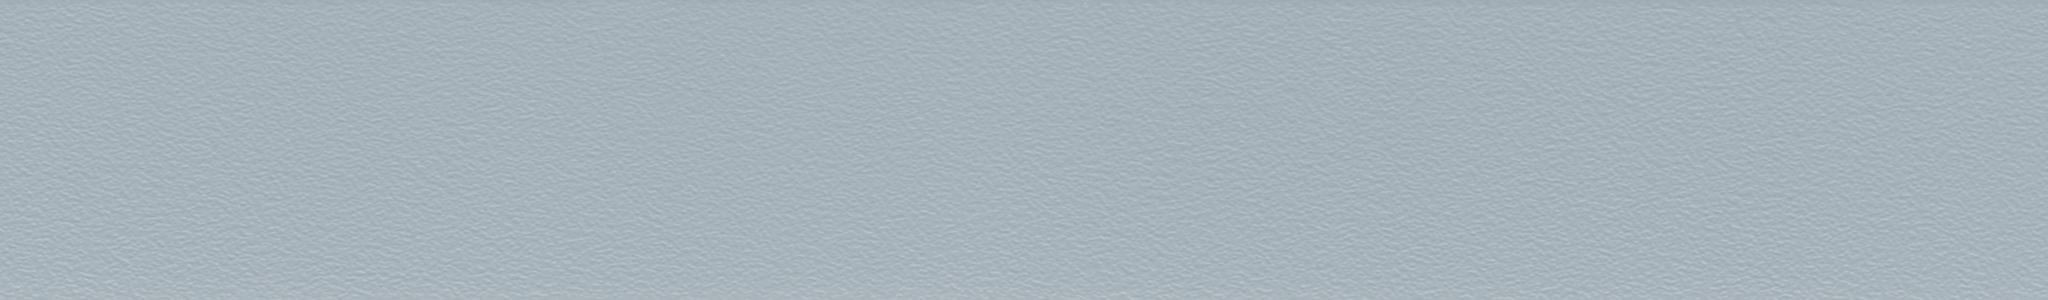 HU 17788 кромка ABS арктическая серая XG